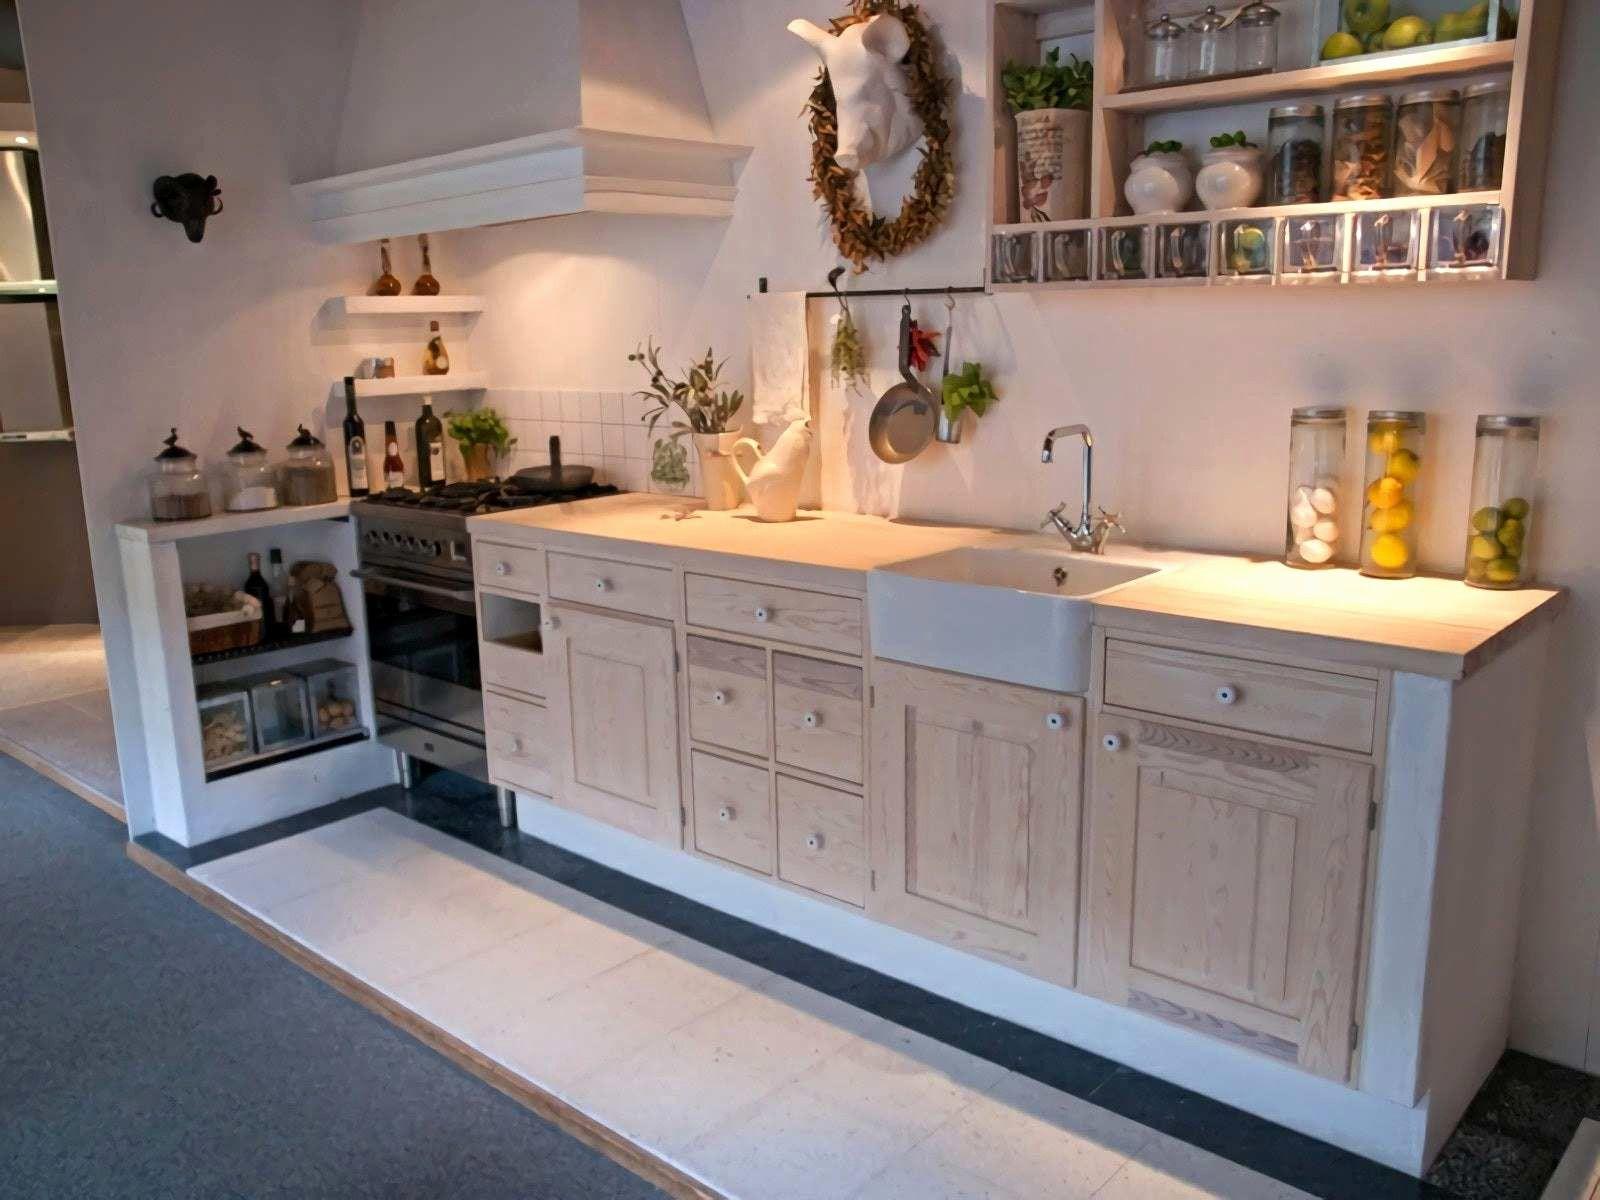 Full Size of Küche Selbst Zusammenstellen Ikea Kche Lovely Planen Schn Eiche Wellmann Kaufen Mit Elektrogeräten Obi Einbauküche Abfallbehälter Apothekerschrank Küche Küche Selbst Zusammenstellen